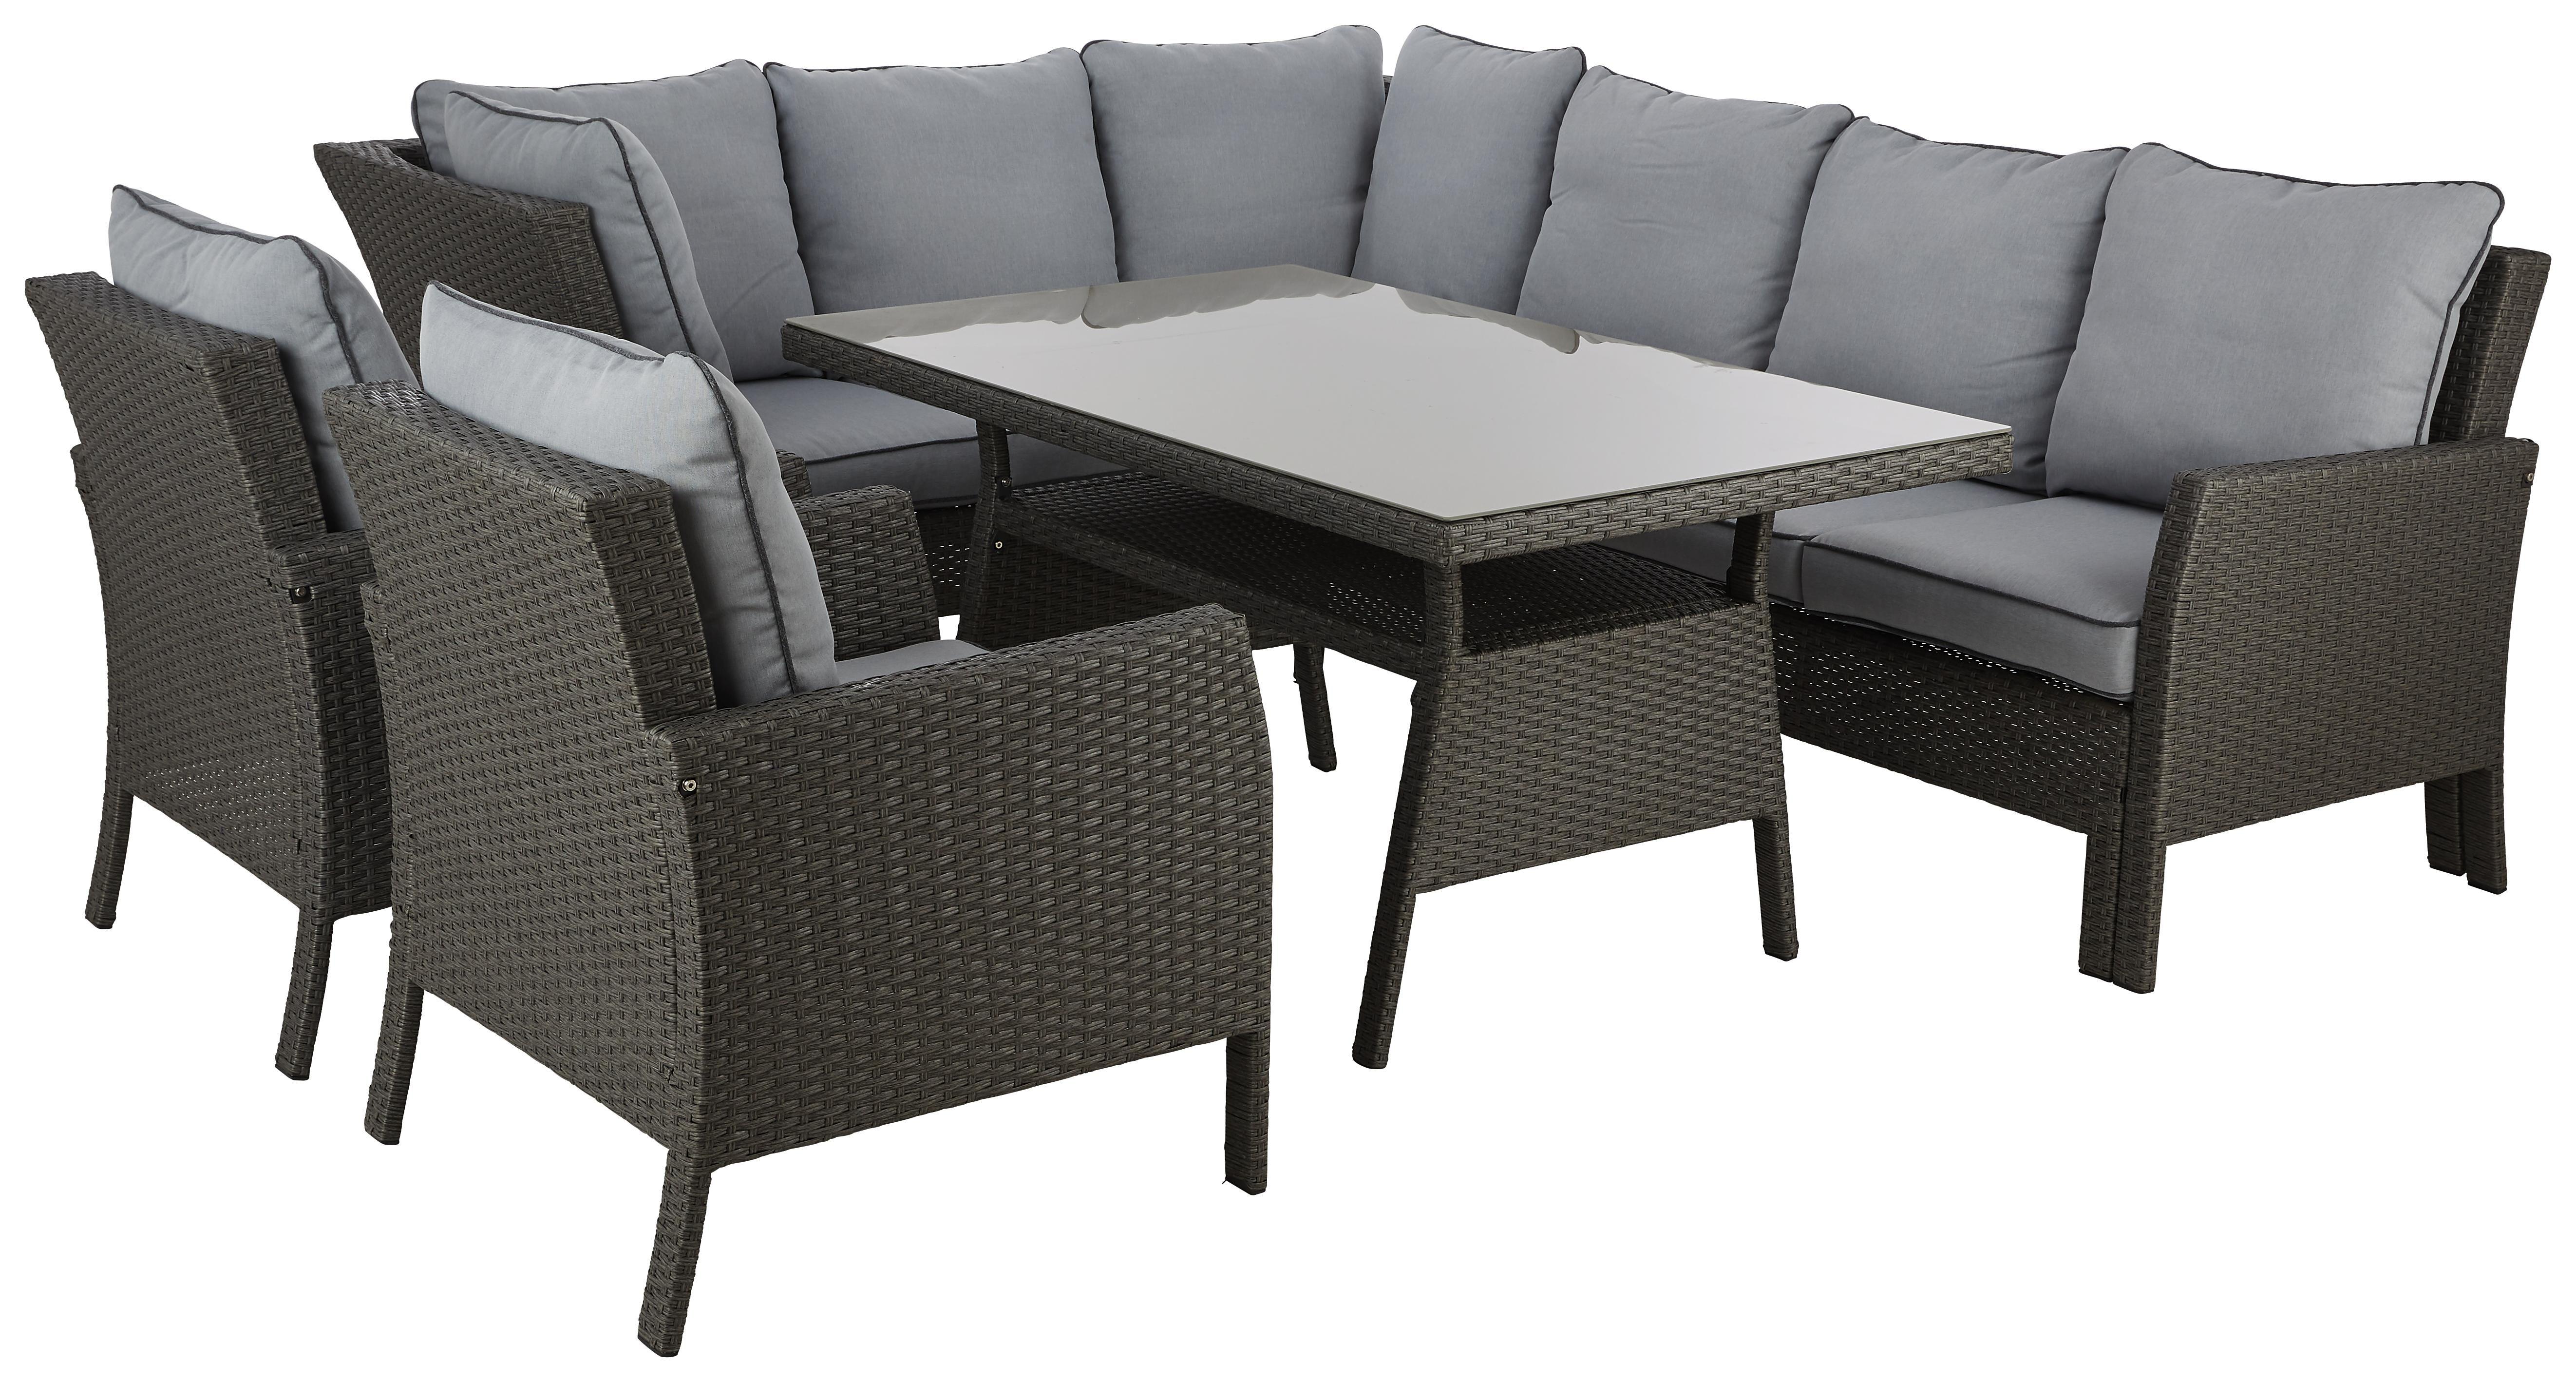 Loungegarnitur In Grau Von Ambia Garden Shoppen In 2020 Lounge Garnitur Lounge Lounge Mobel